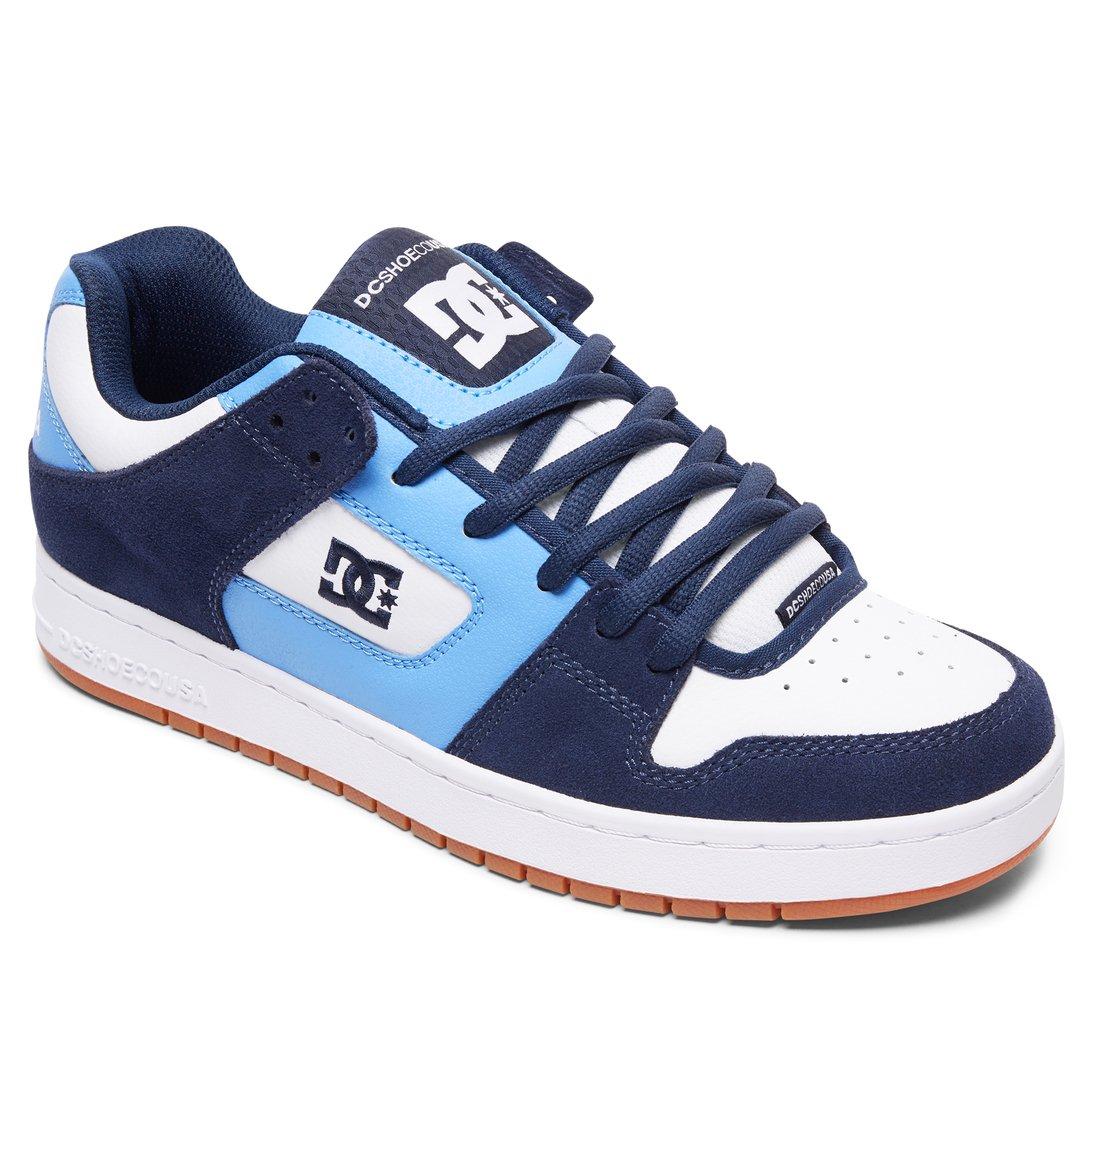 83a4175e90 1 Manteca - Shoes for Men Blue ADYS100177 DC Shoes